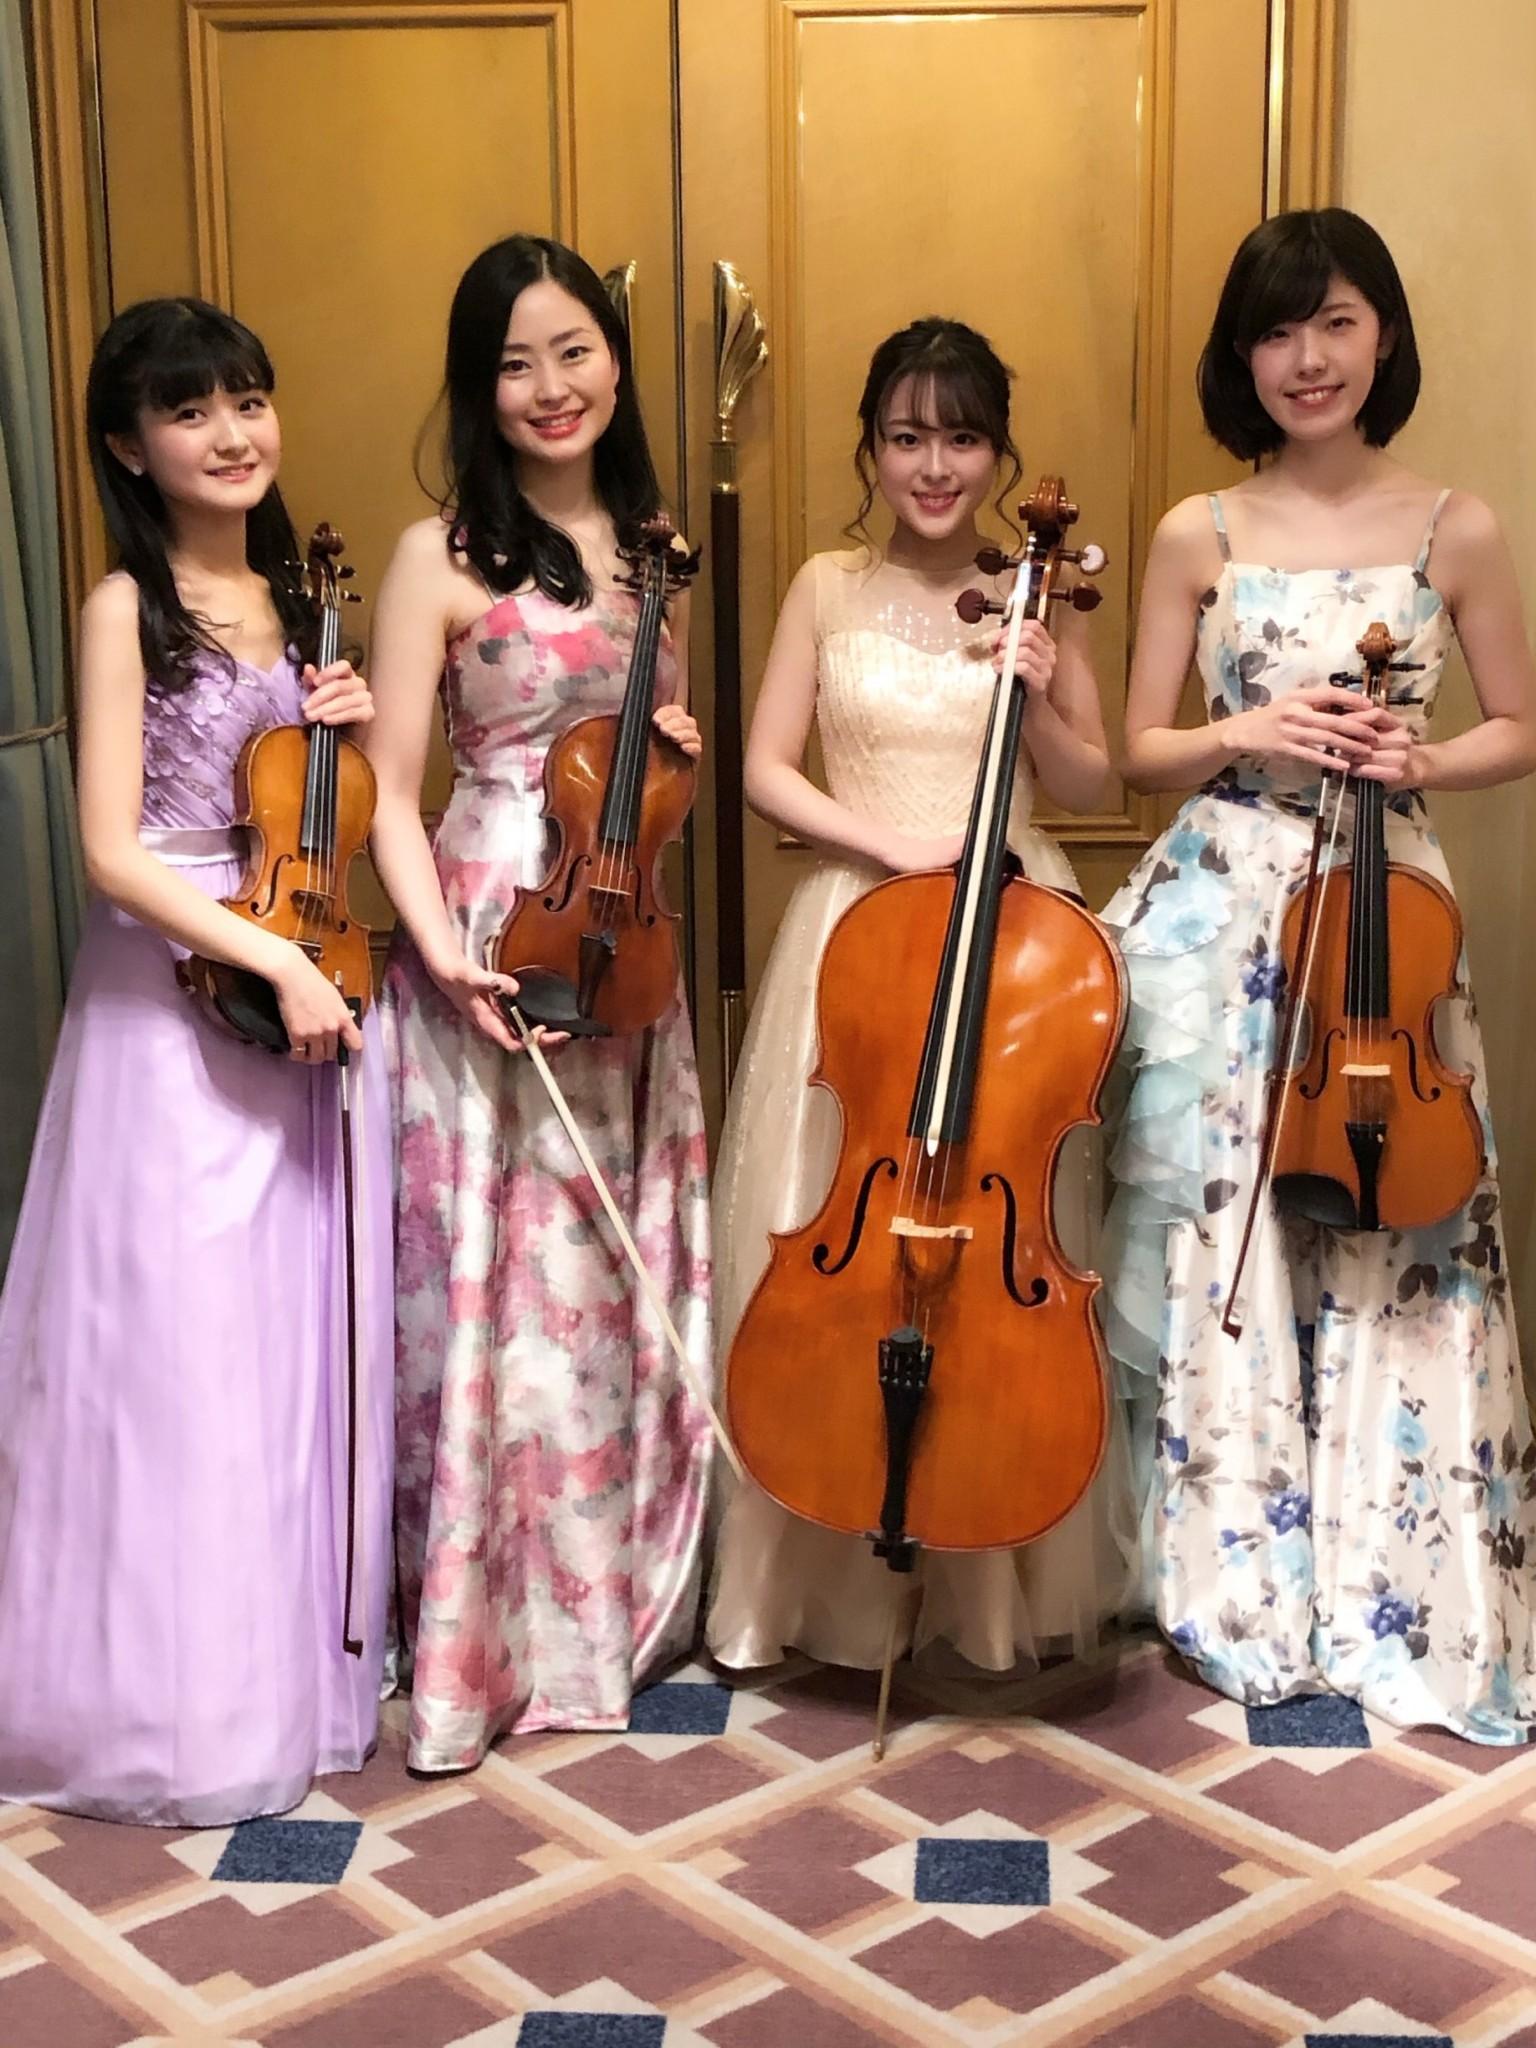 弦楽四重奏の生演奏でした 周年記念でとても人気な編成です